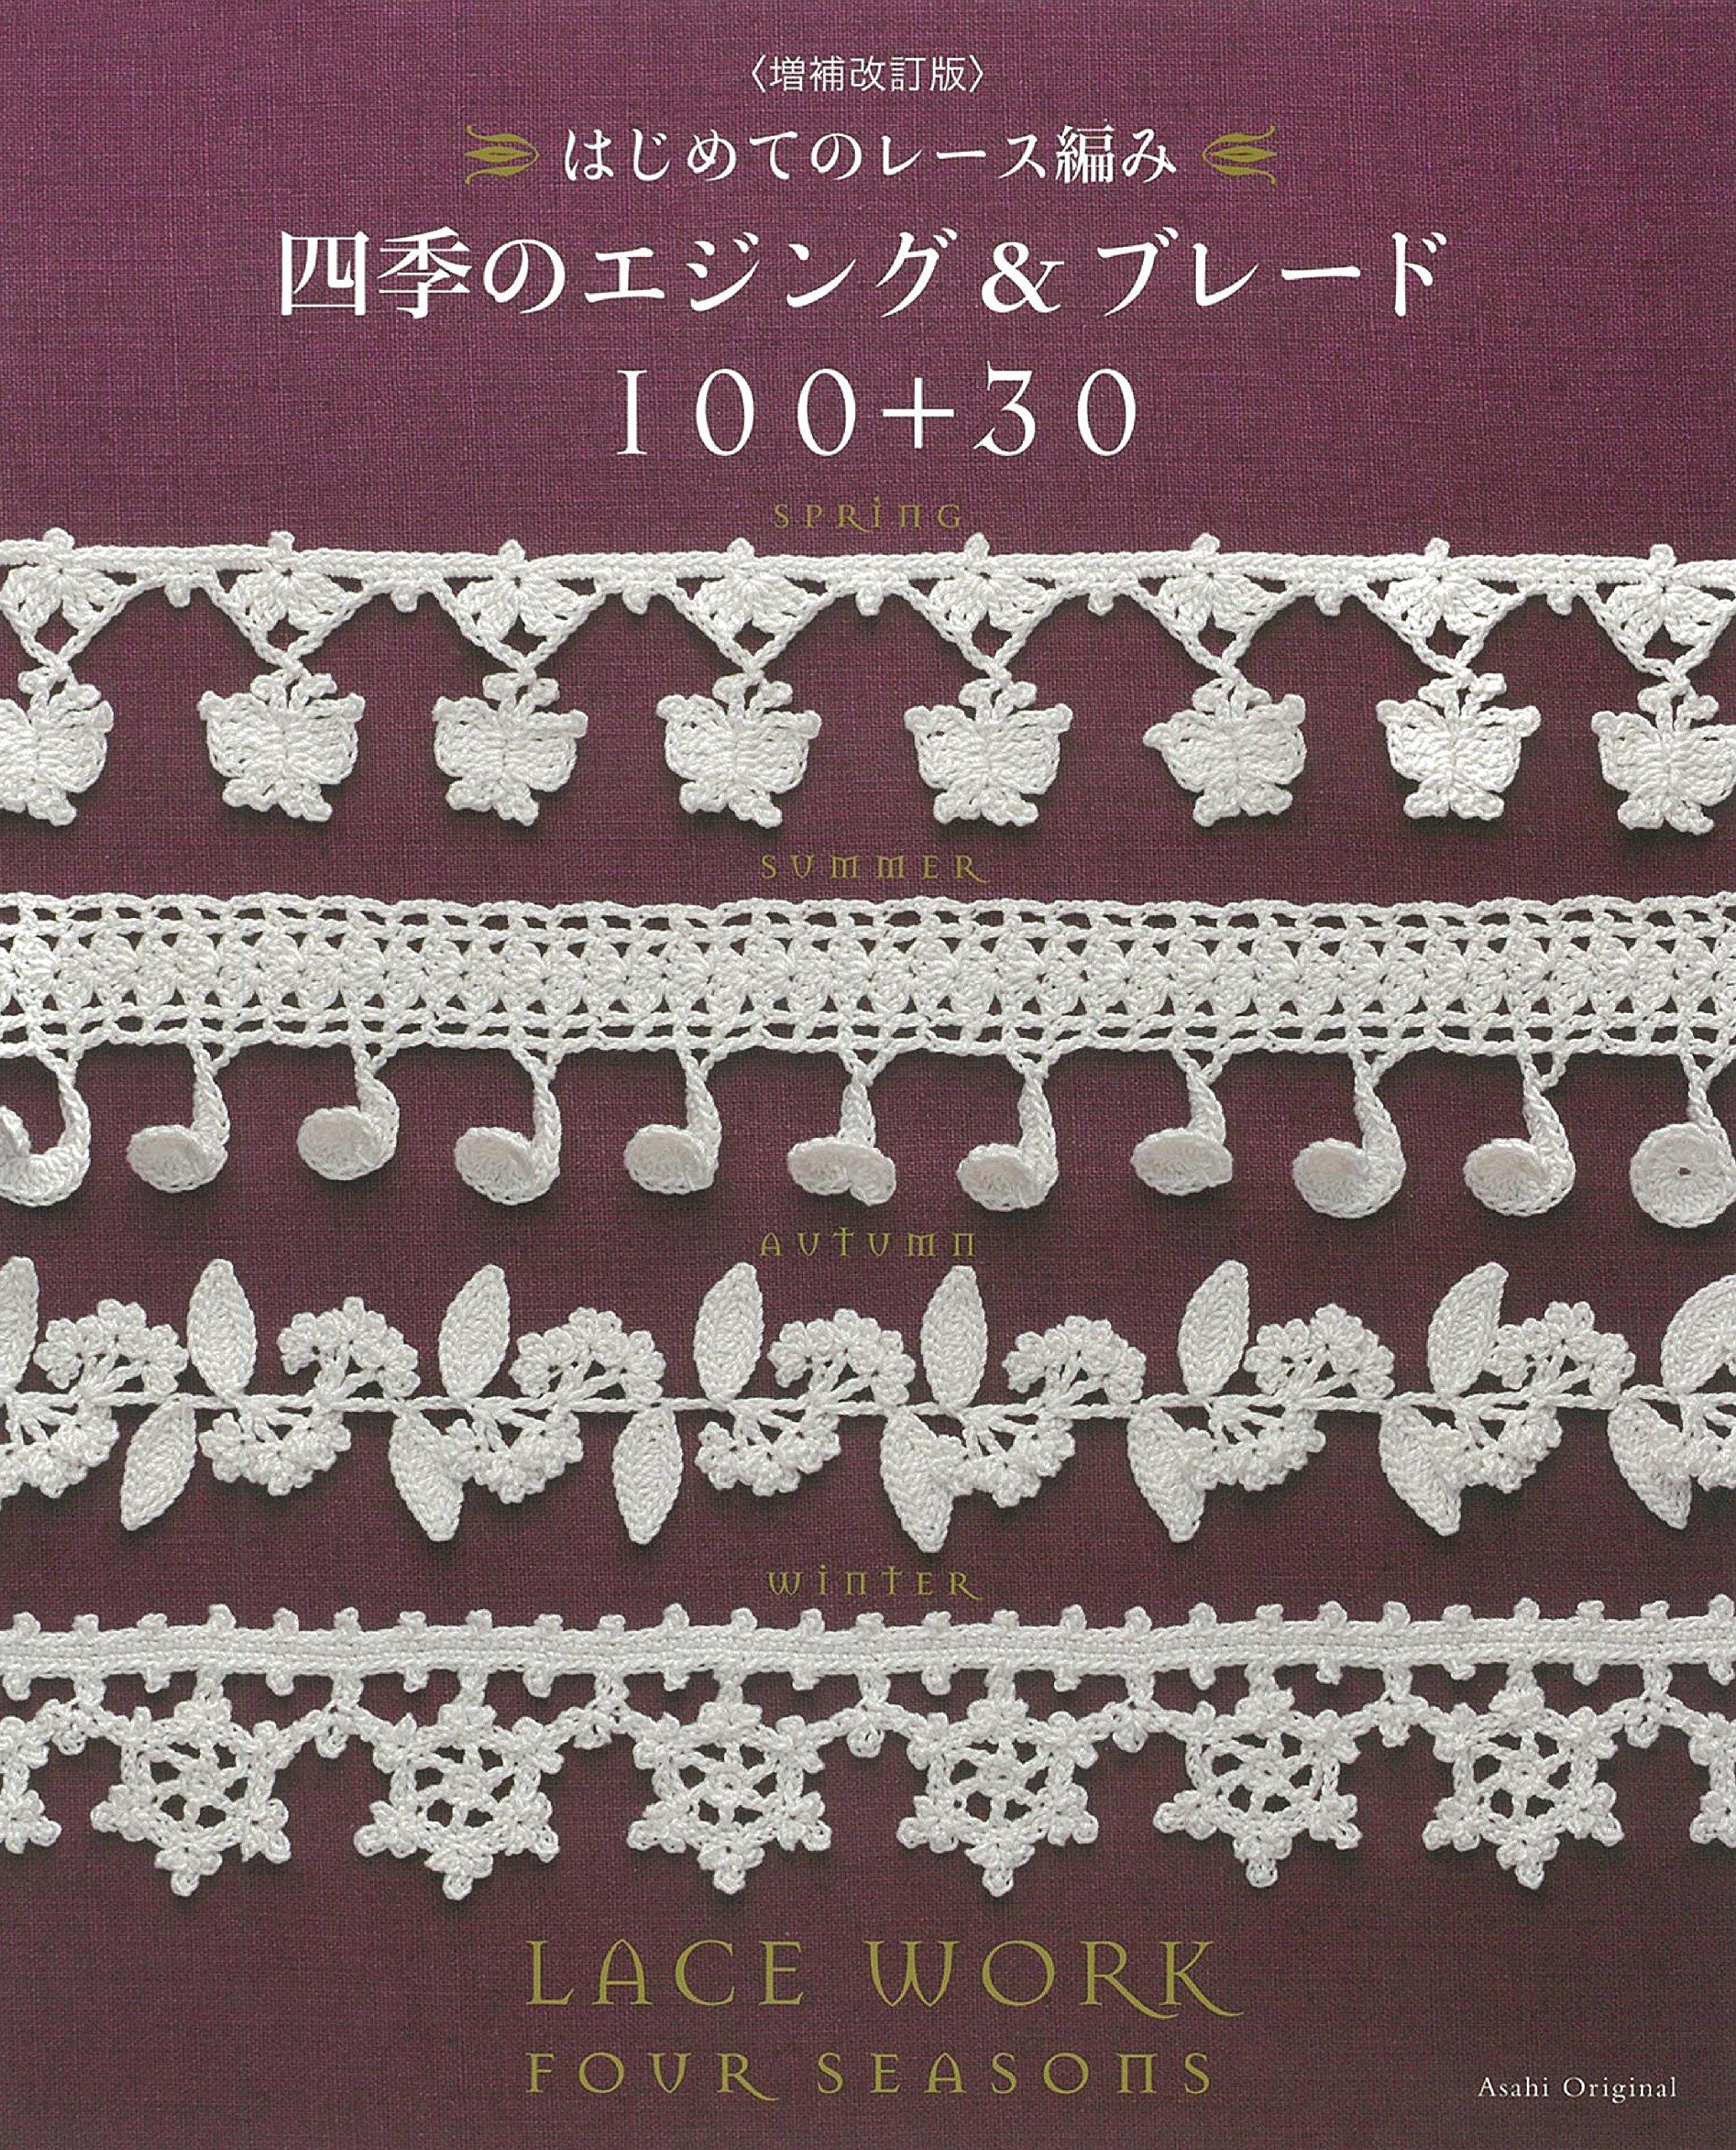 編み レース かぎ